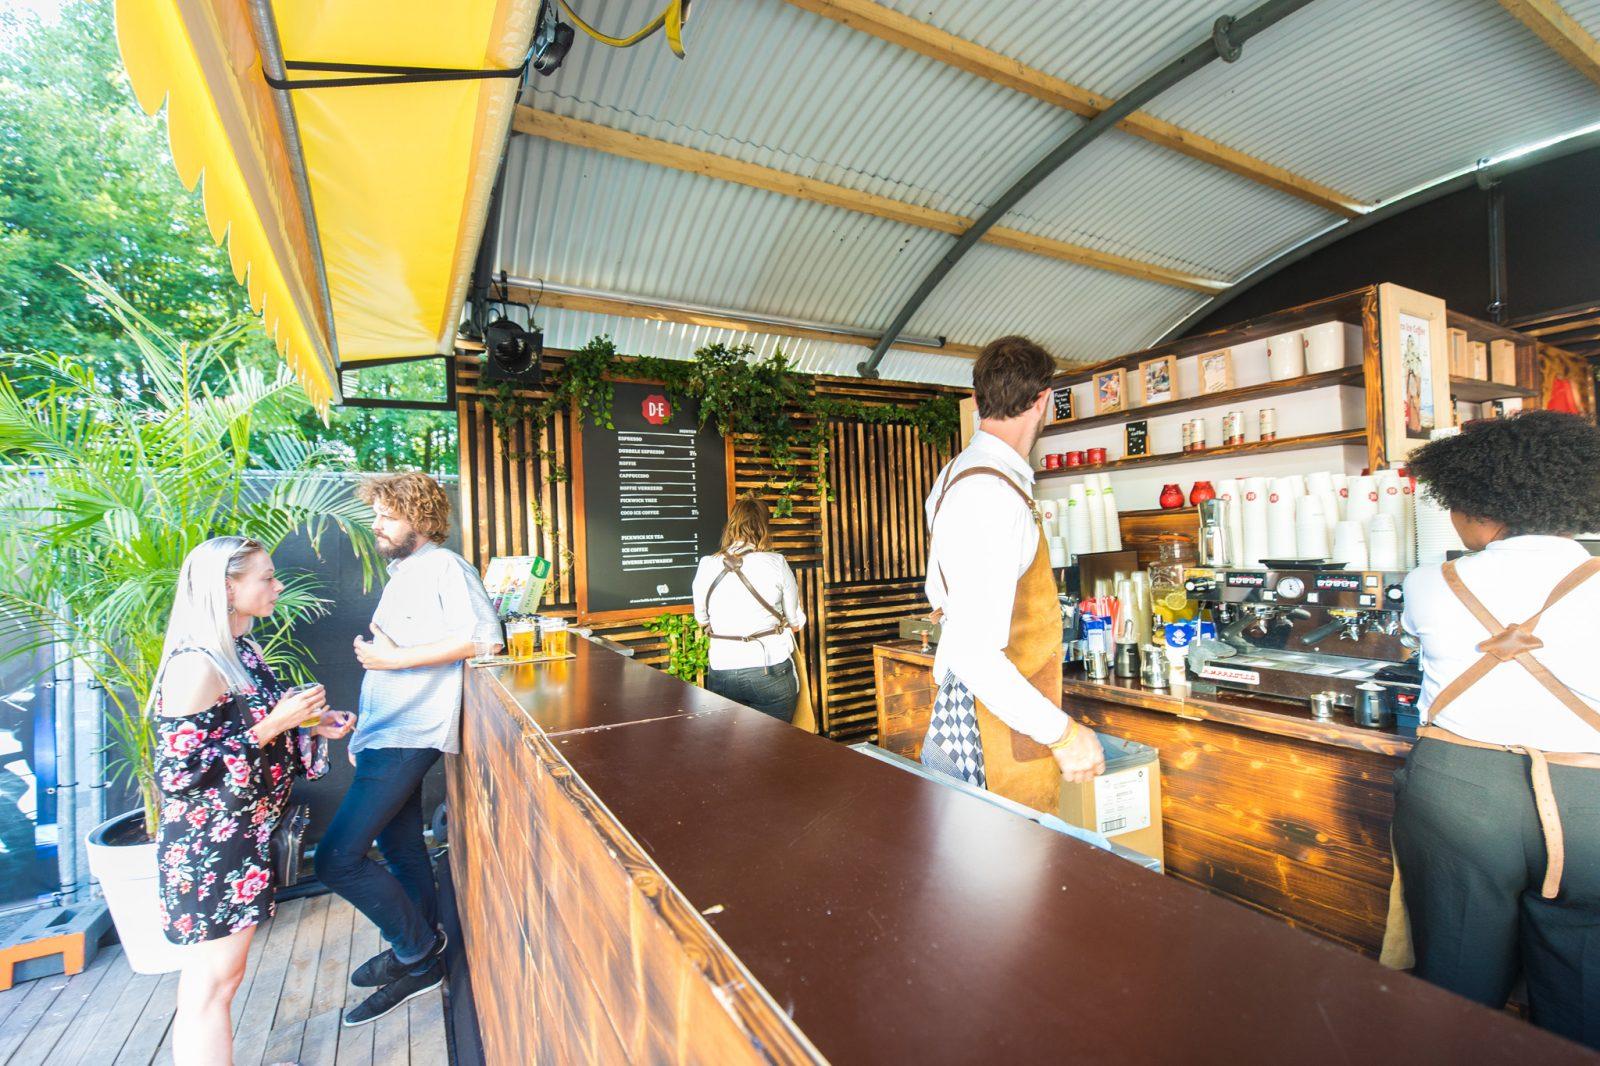 Triomf - De Espressobar op Hudson square sloot direct aan op het terras uitkijkend over het plein